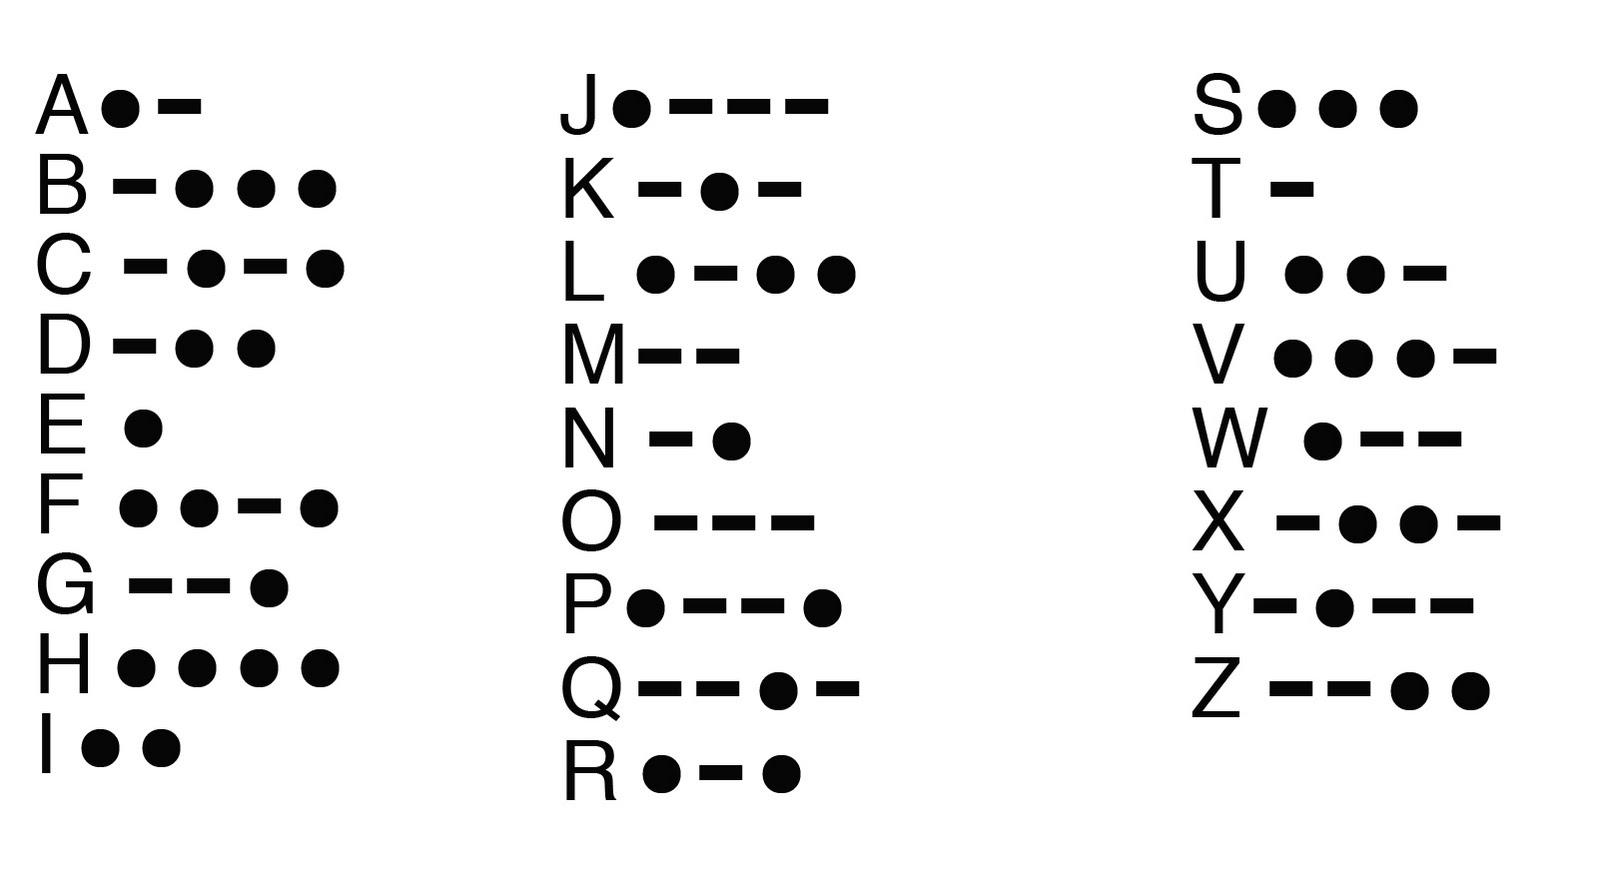 Kode Morse Pramuka